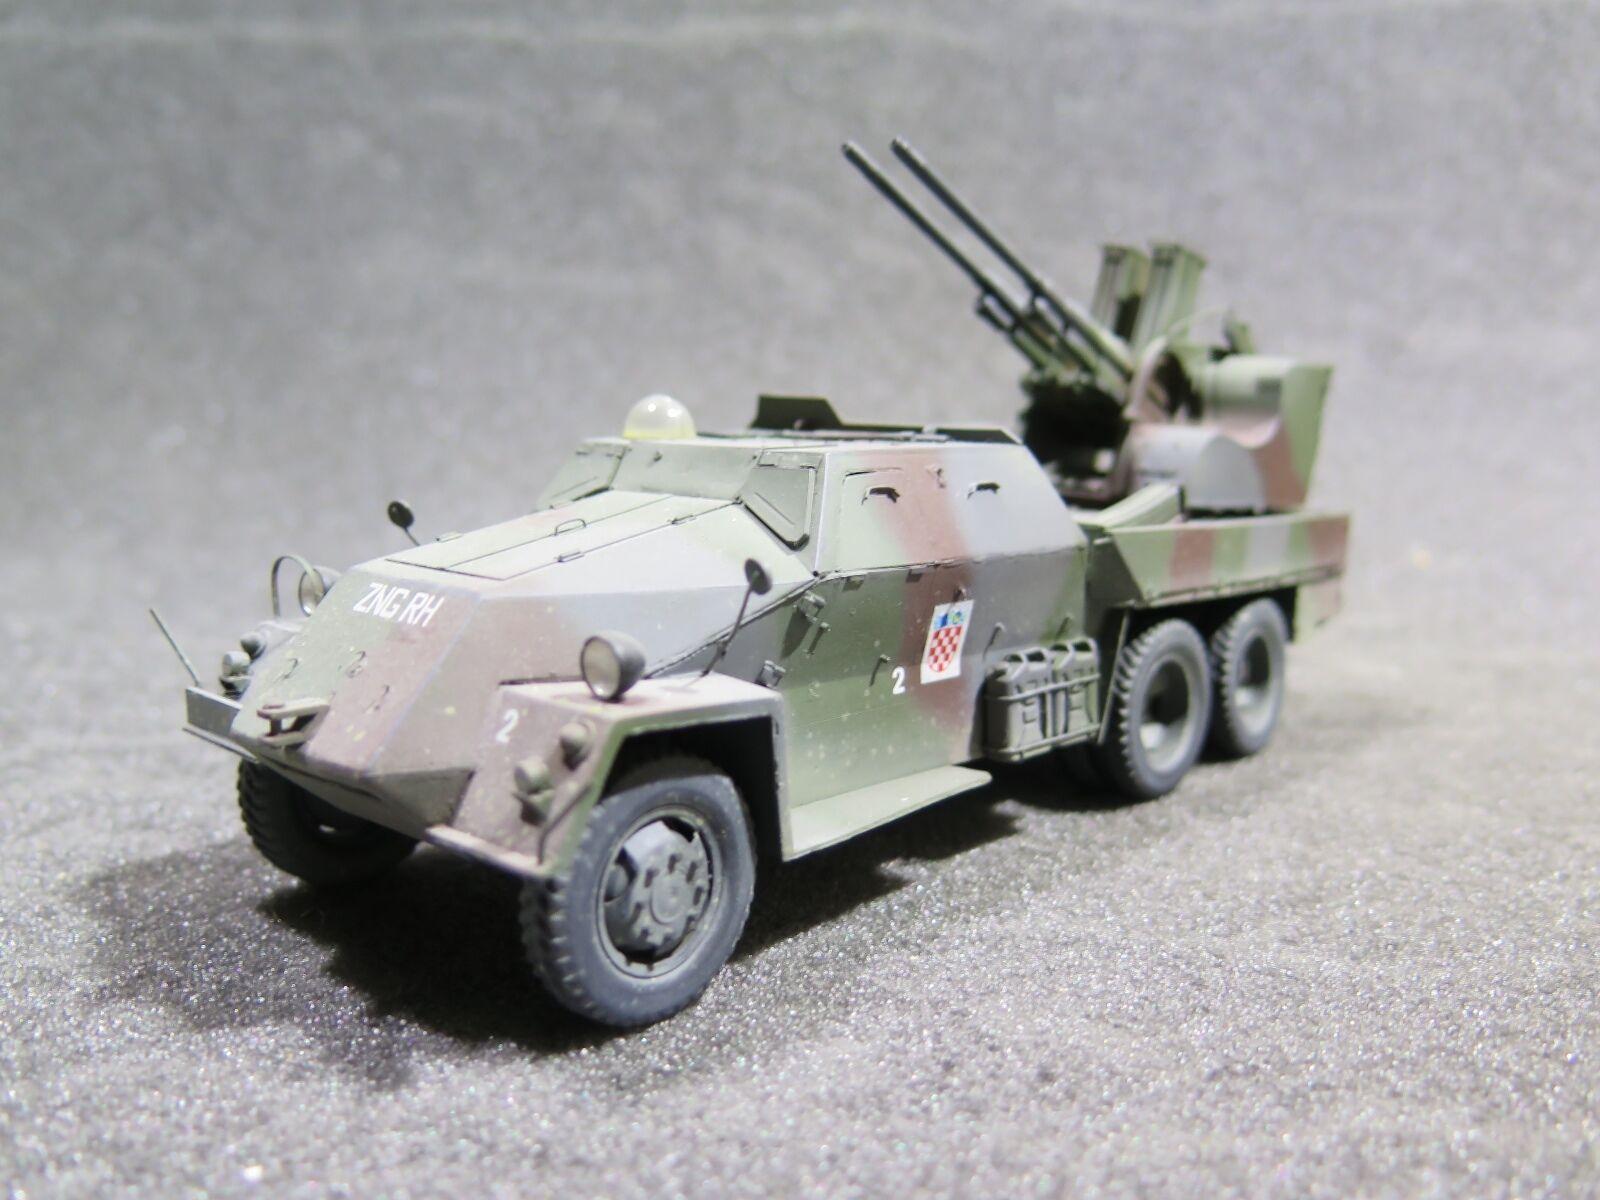 MI0977 1/35 PRO PRO PRO BUILT Resin Panzershop Czeck Praga PLDvK model 53/59 | Une Performance Supérieure  e91bbd